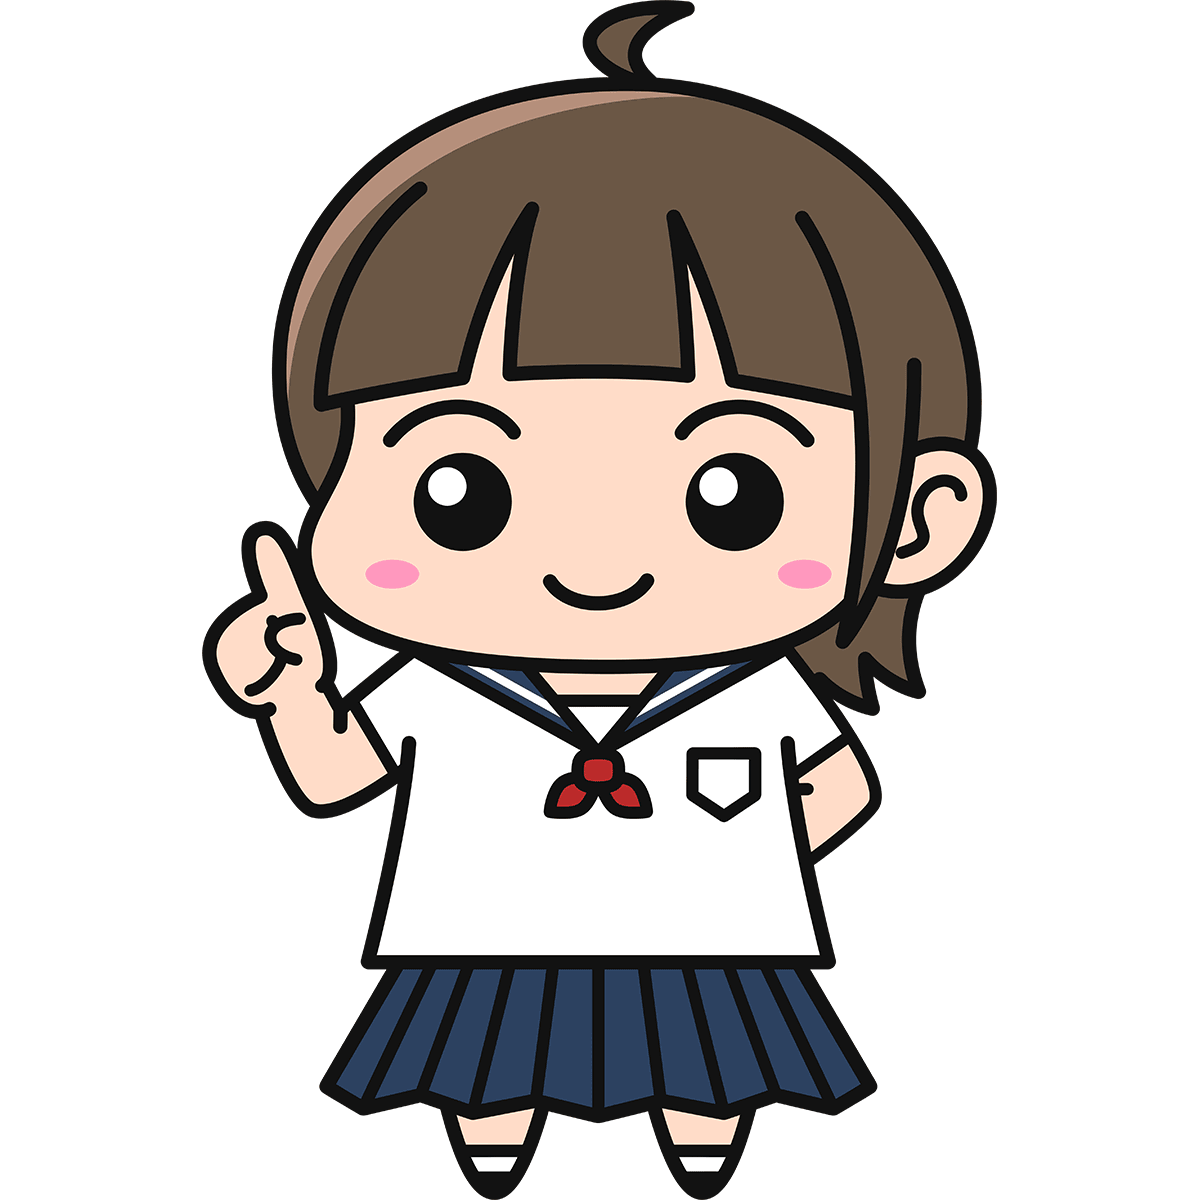 女子高生(説明)の無料イラスト